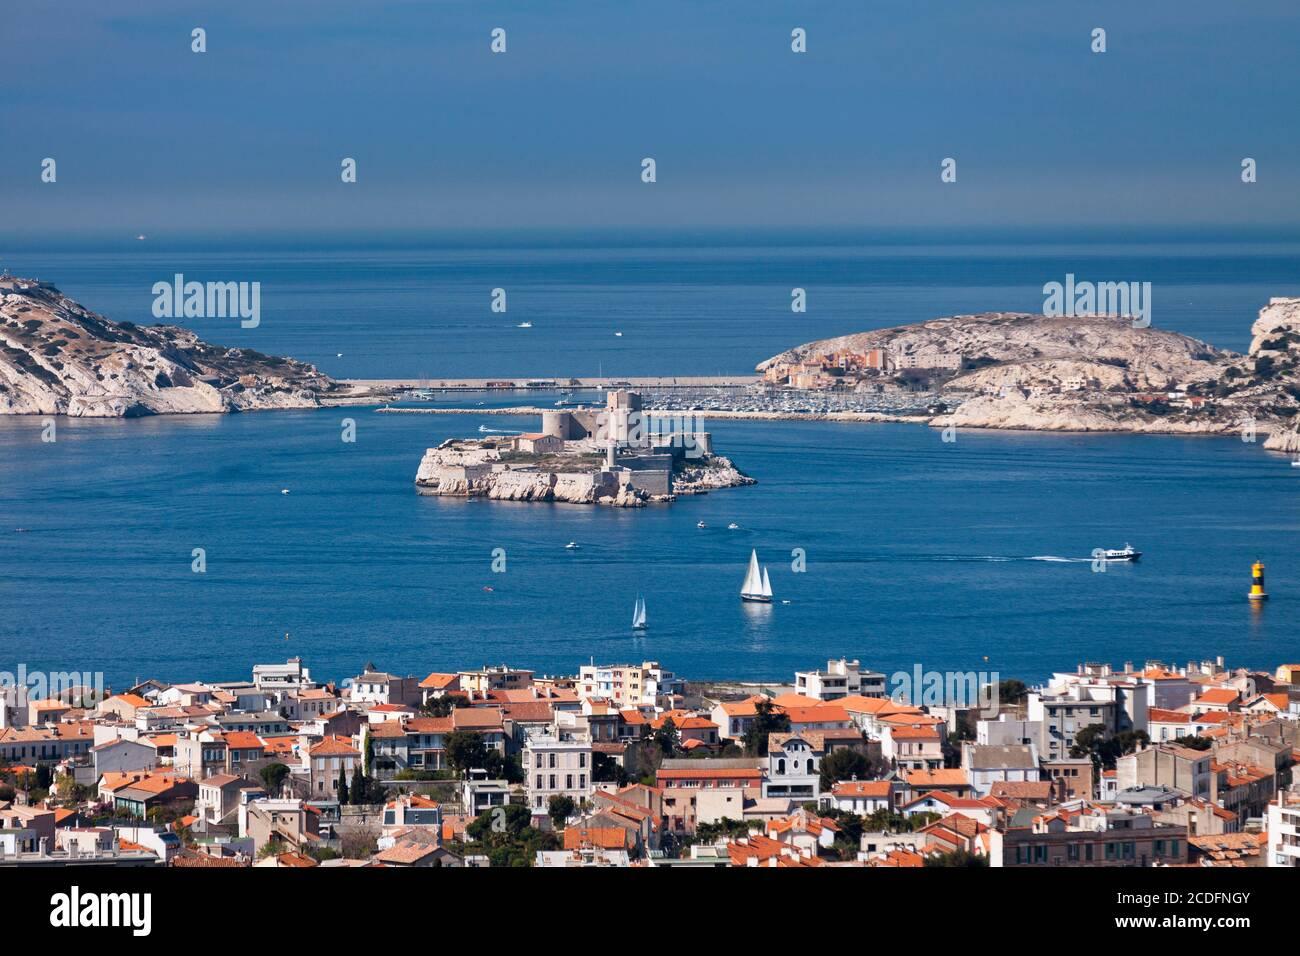 Le Château d'If est une forteresse (plus tard une prison) située sur l'île d'If, la plus petite île de l'archipel Frioul située en Méditerranée Banque D'Images